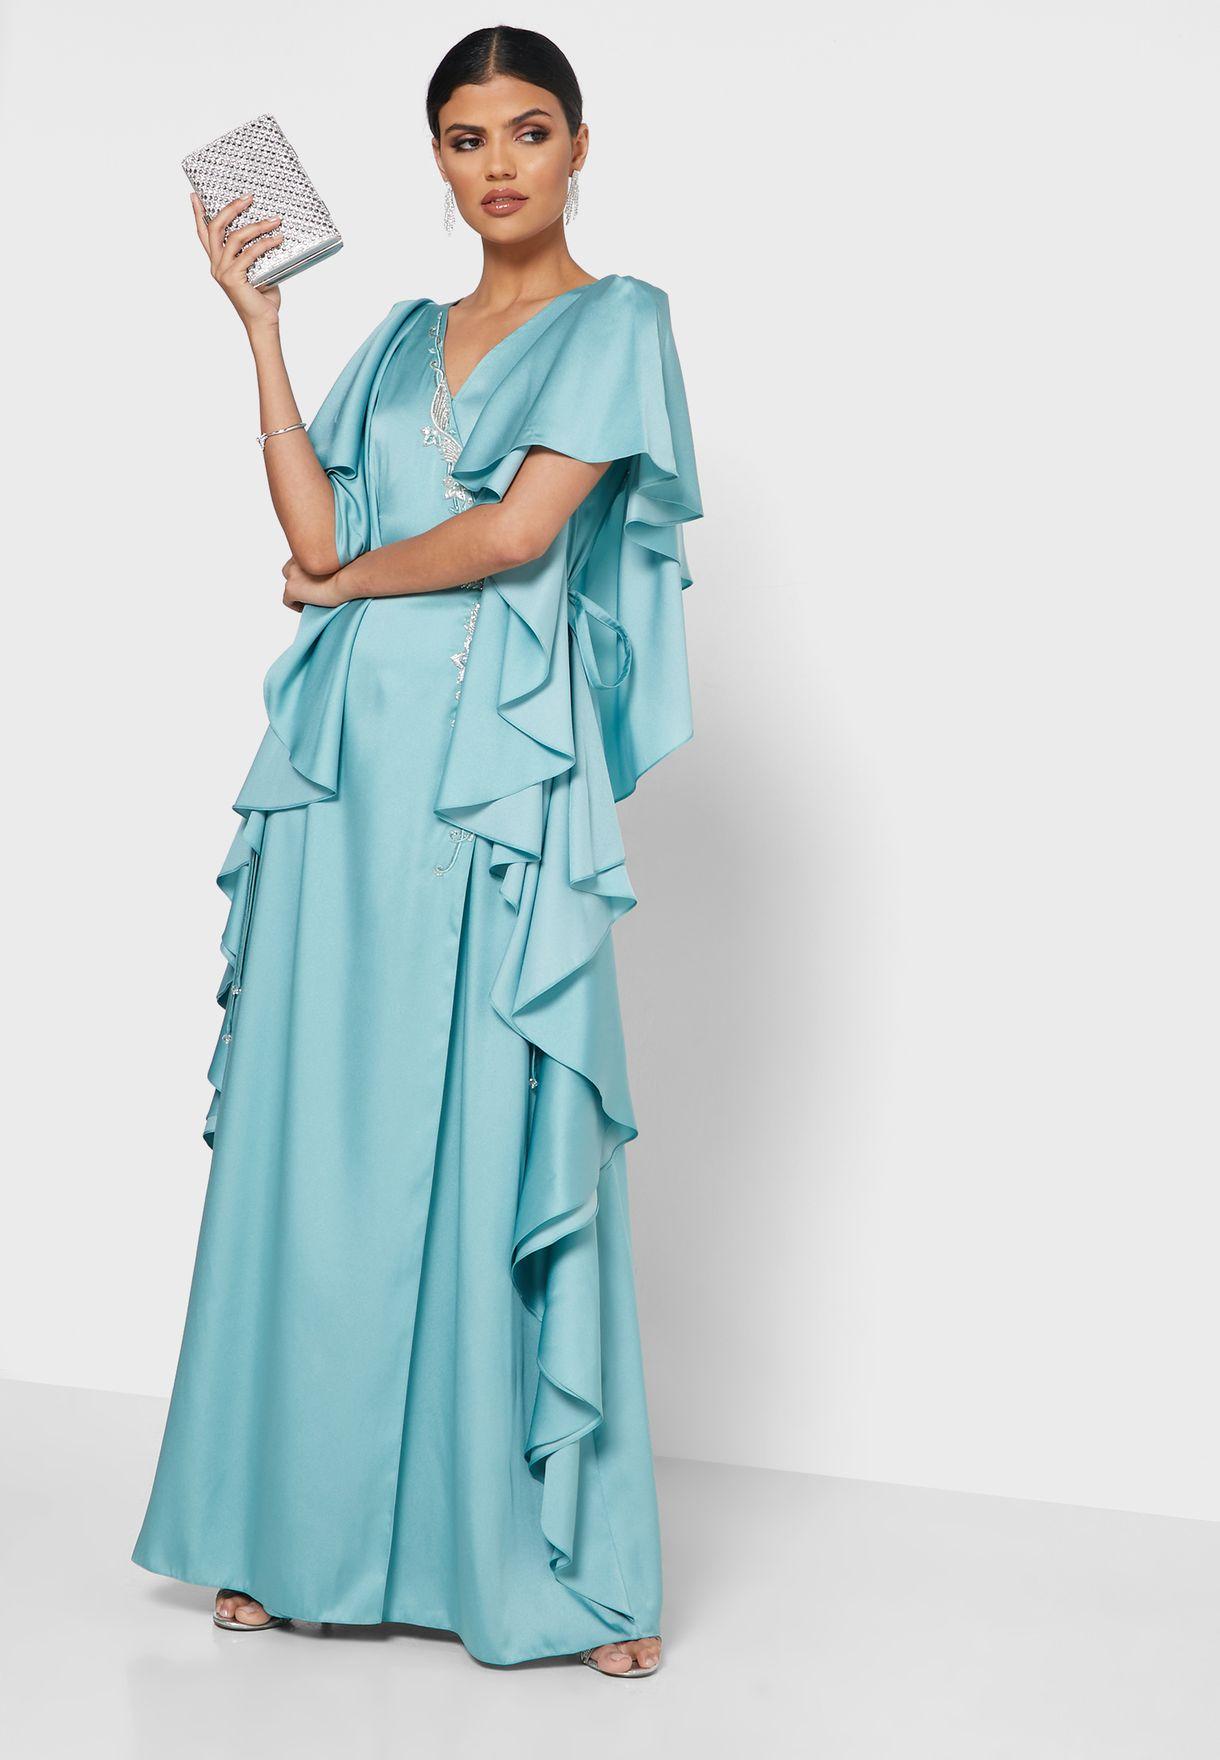 فستان بأكمام واسعة وتداخلات جانبية مكشكشة